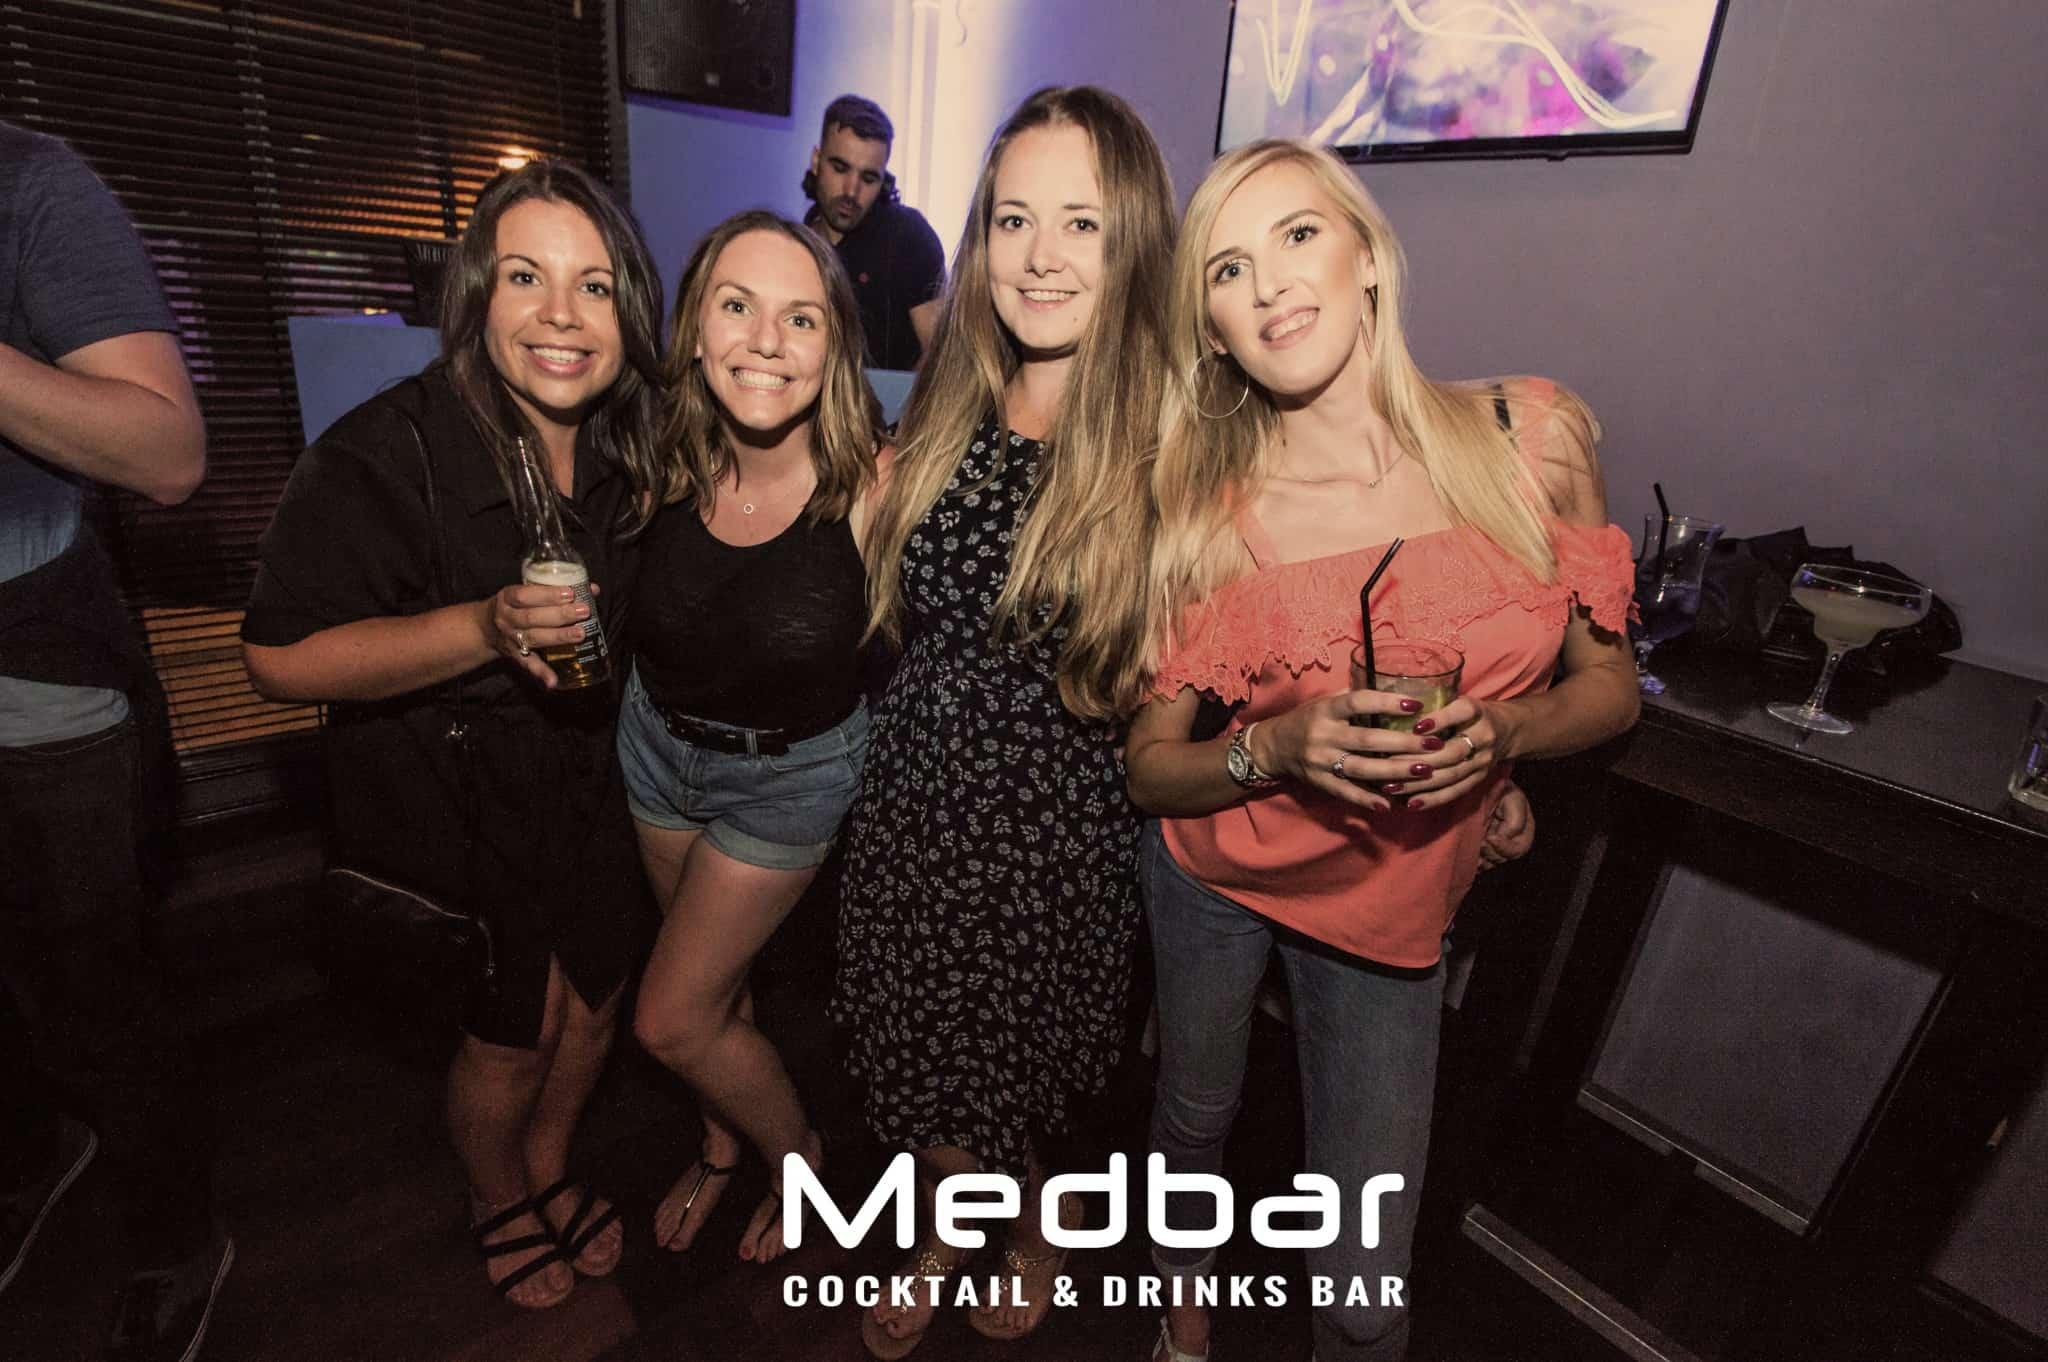 Group of ladies in nightclub